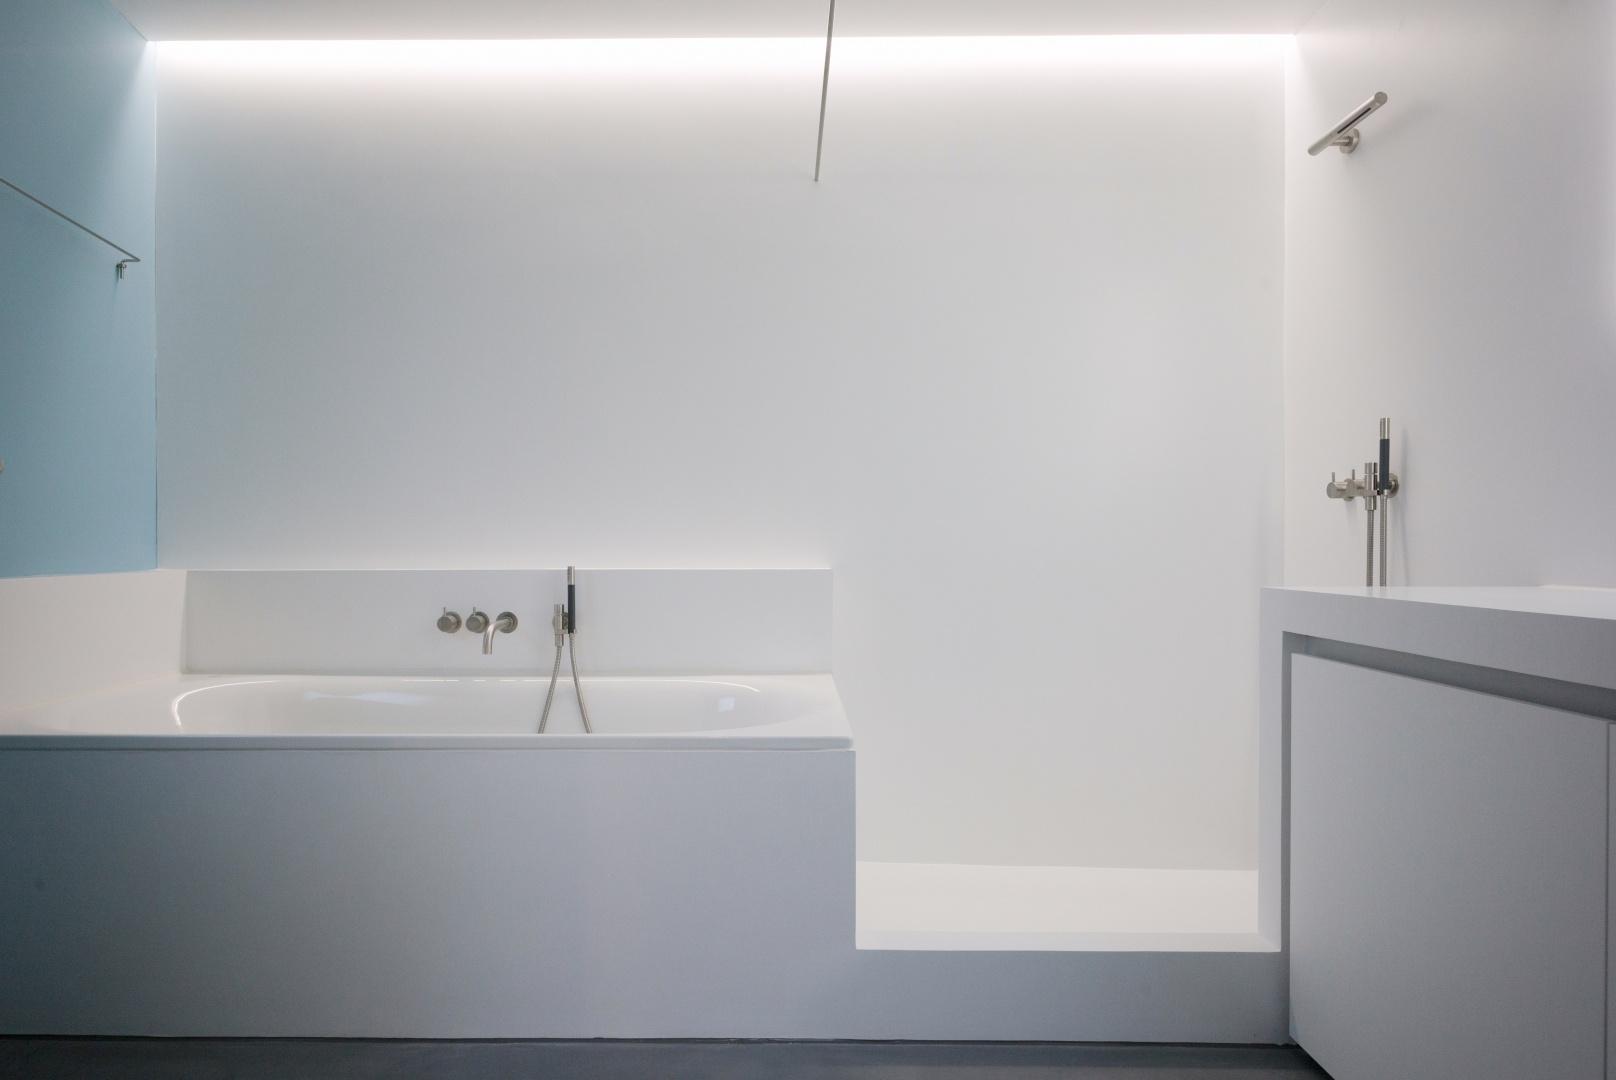 Badezimmer, Badewanne und Dusche © www.hansjoergbetschart.ch